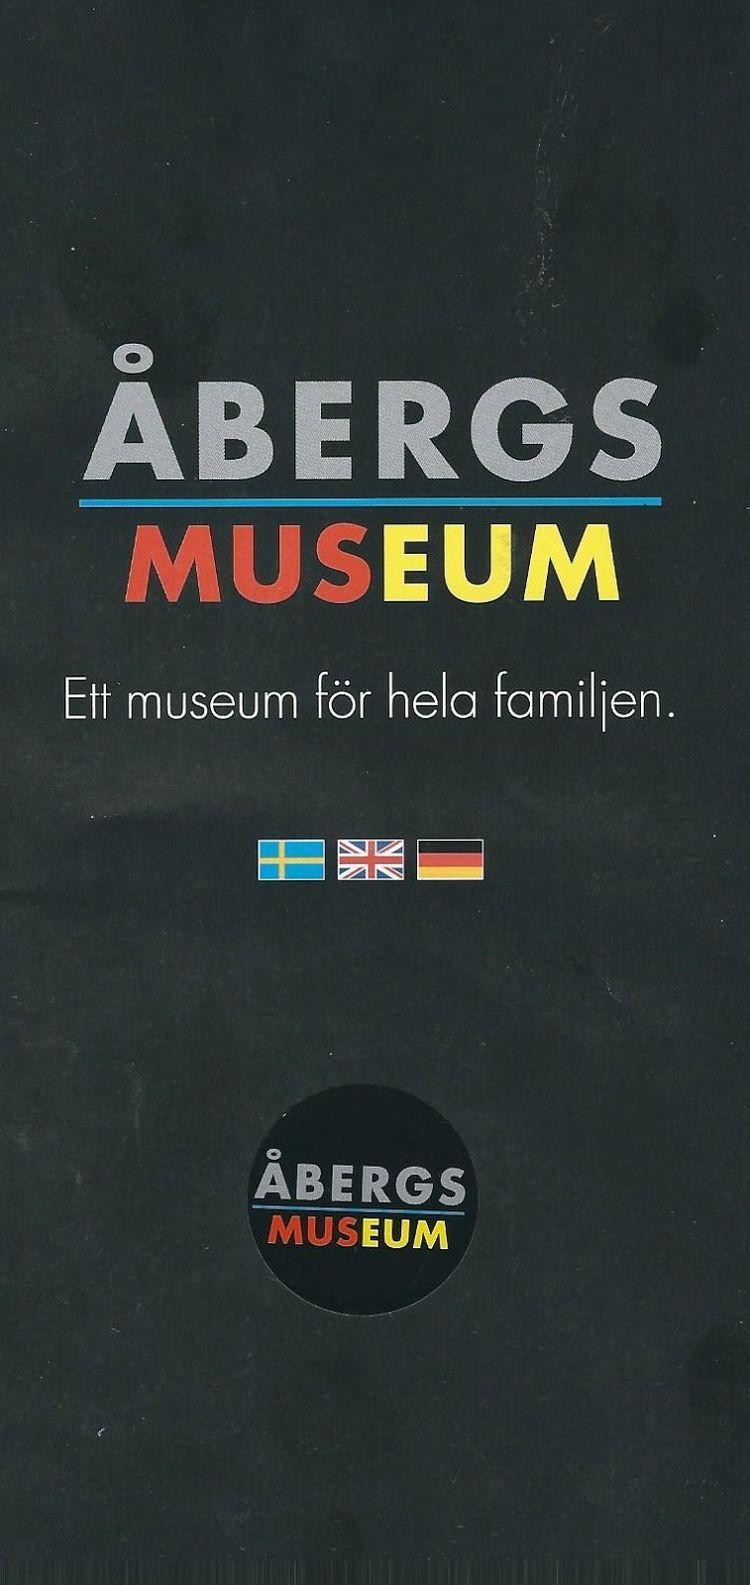 Åbergs Museum är ett seriemuseu - urkraftnatur | ello